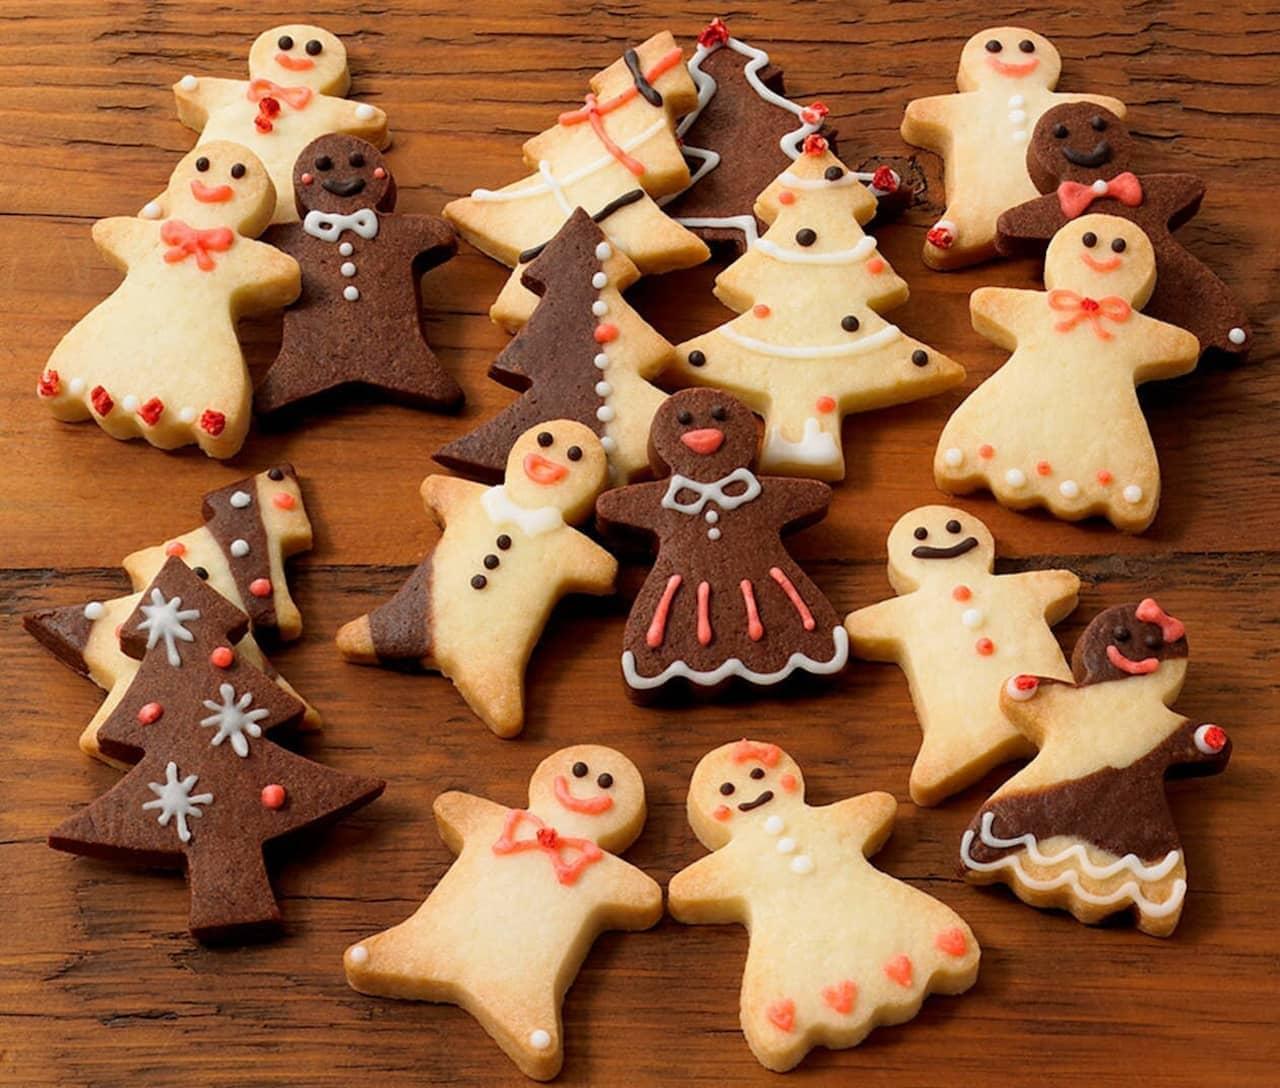 無印良品のクリスマス向き菓子